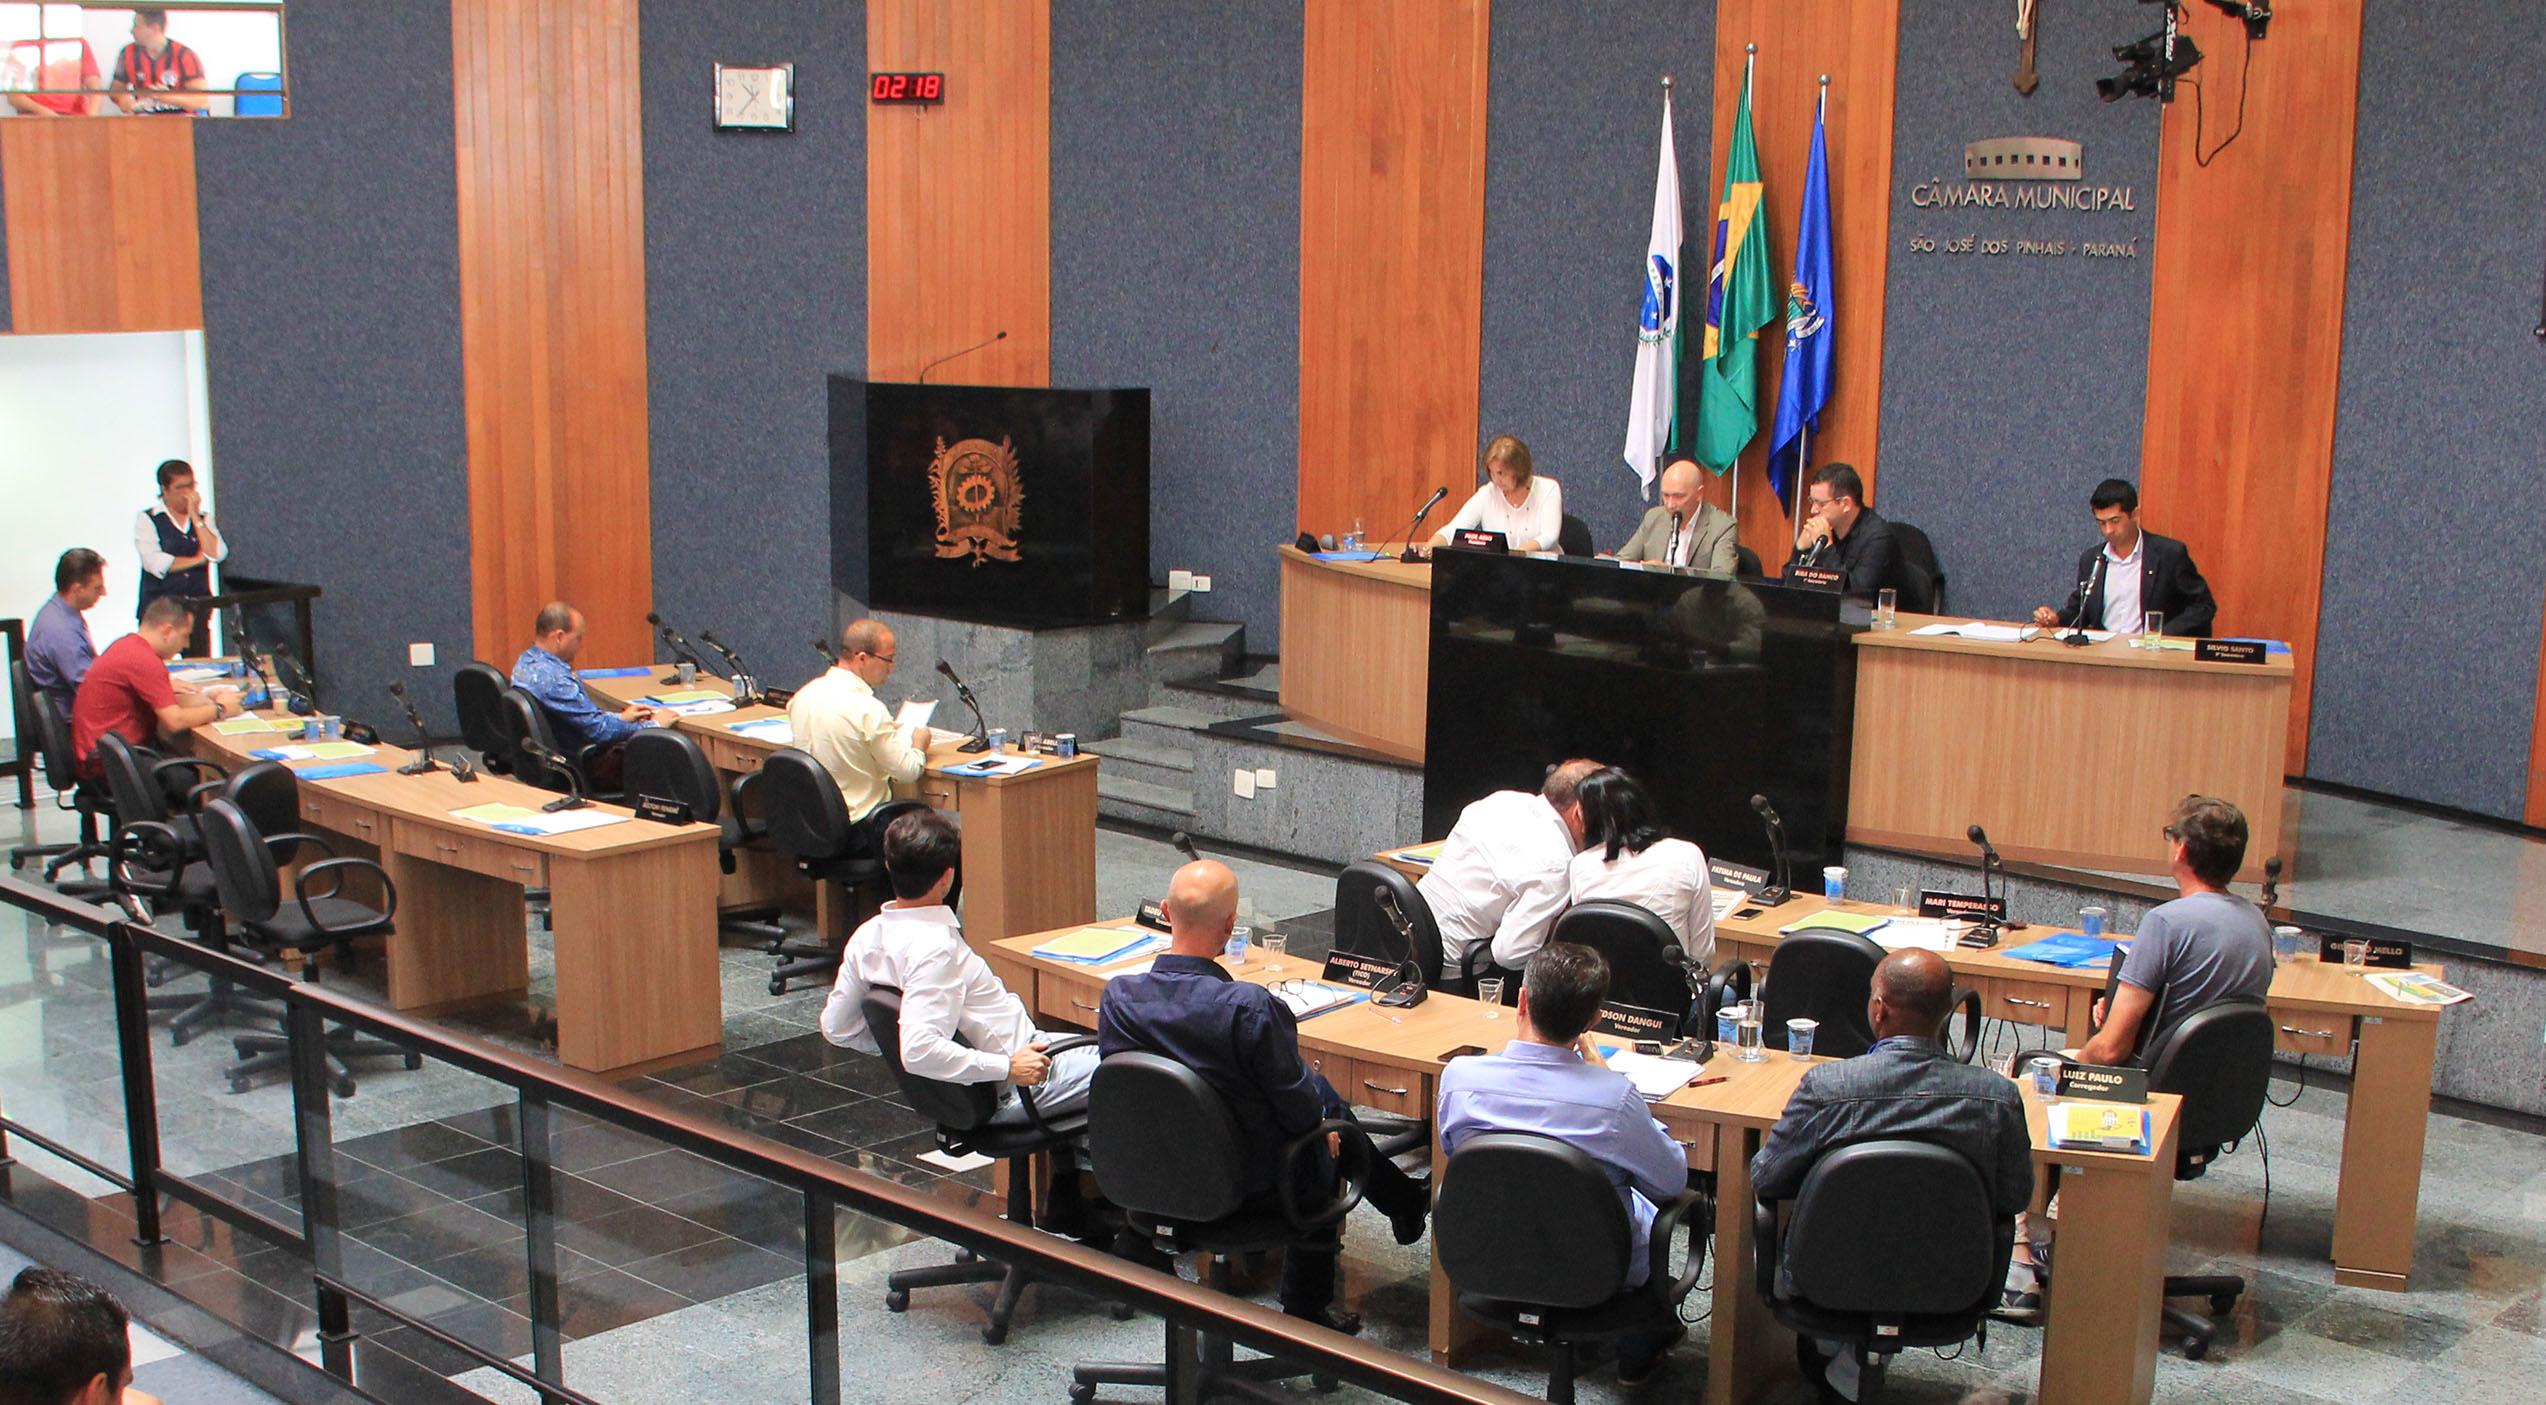 Câmara Municipal encerra ano legislativo